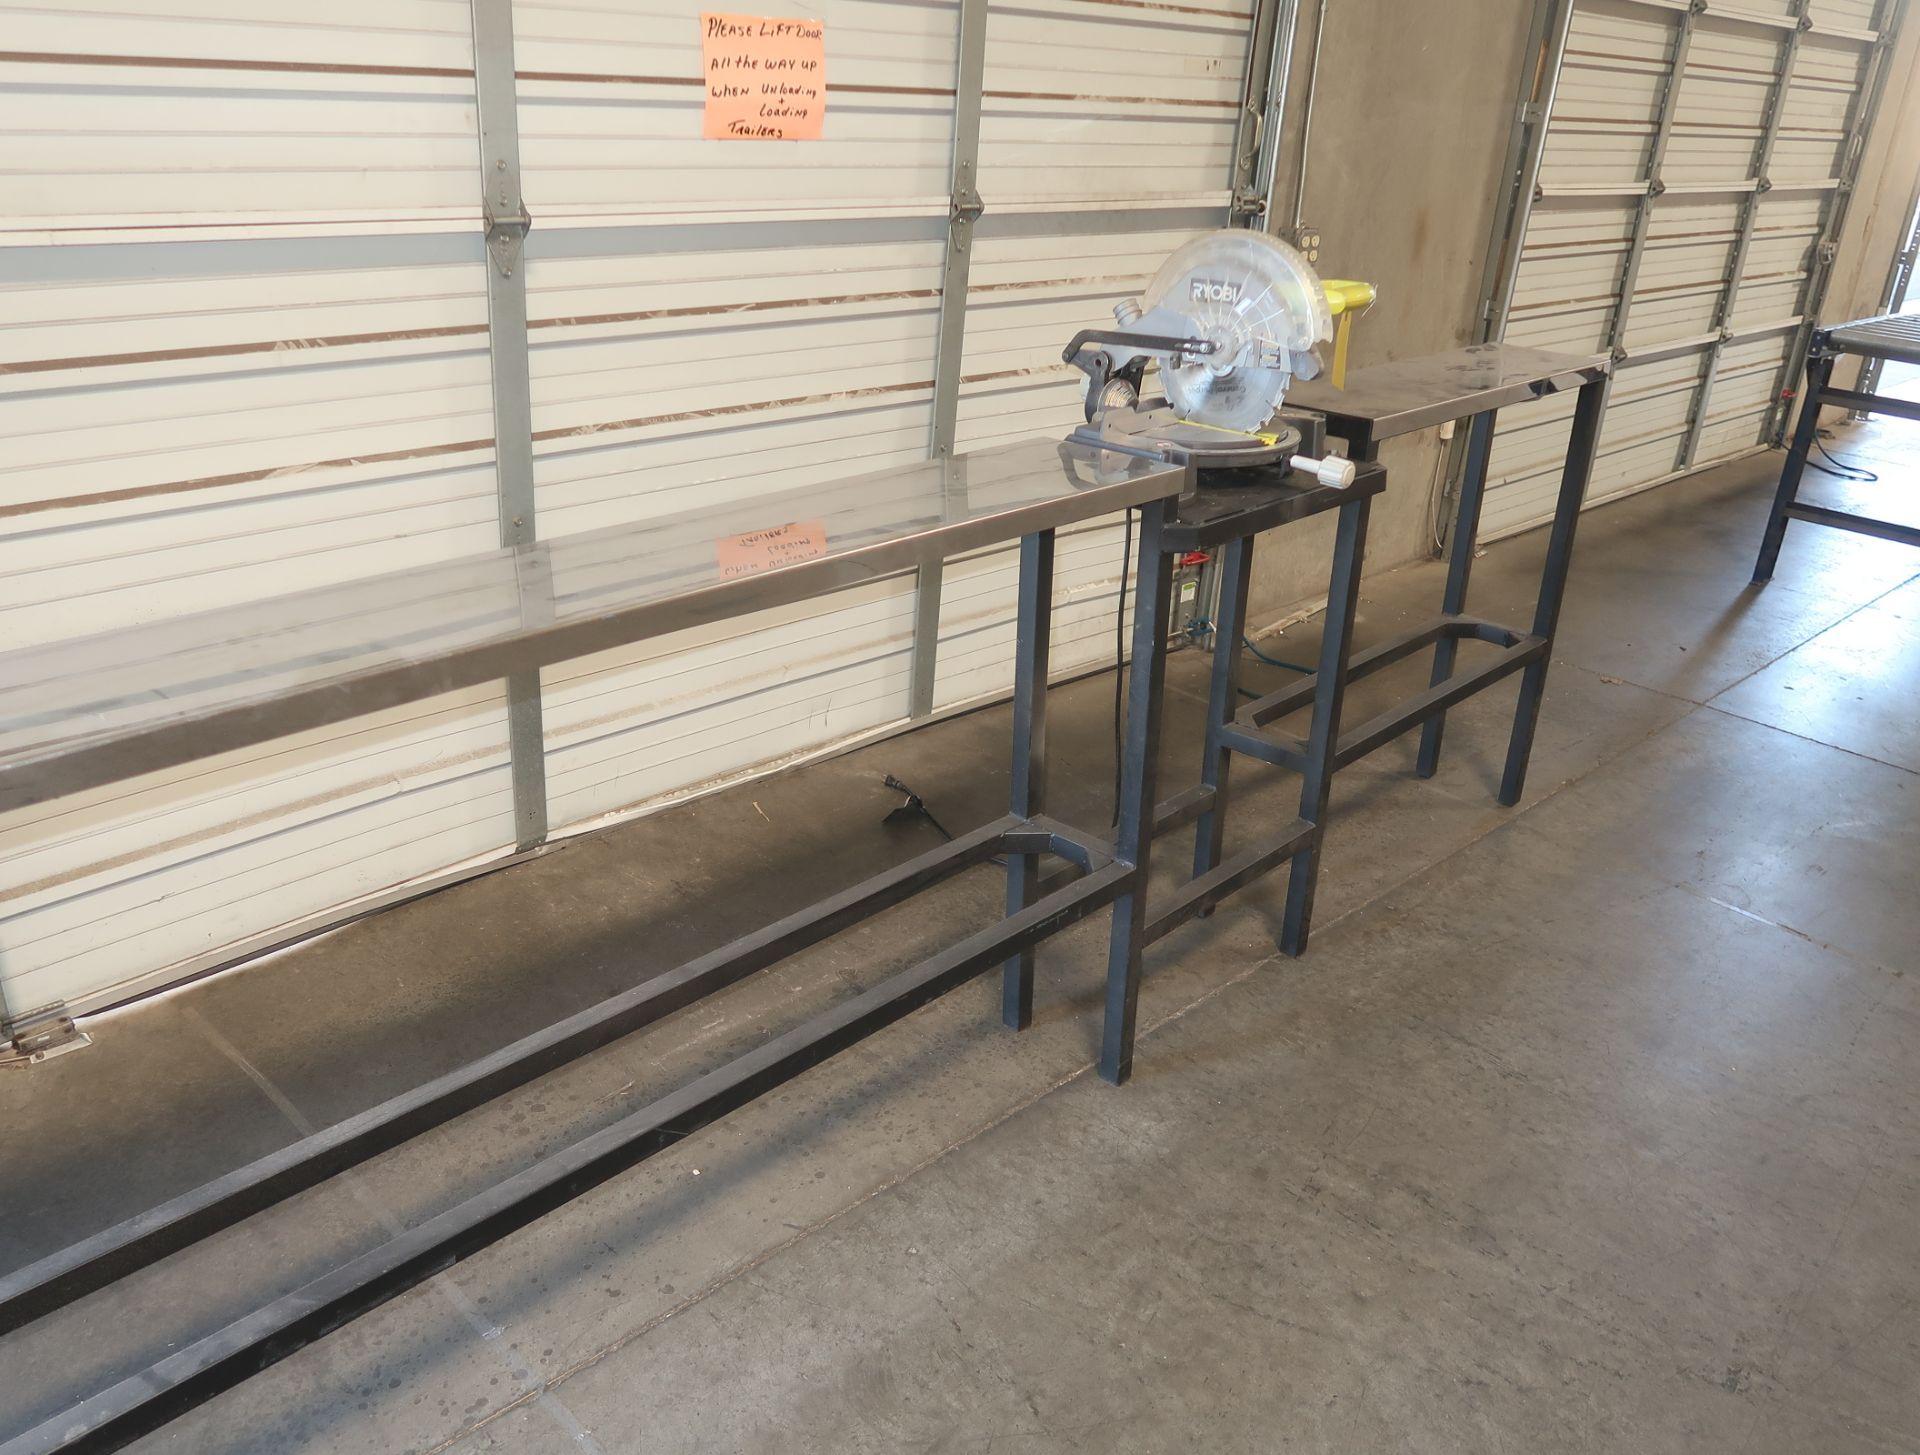 Lot 20 - RYOBI MITRE SAW CHOP W/ TABLE STAND MDL. T51345L